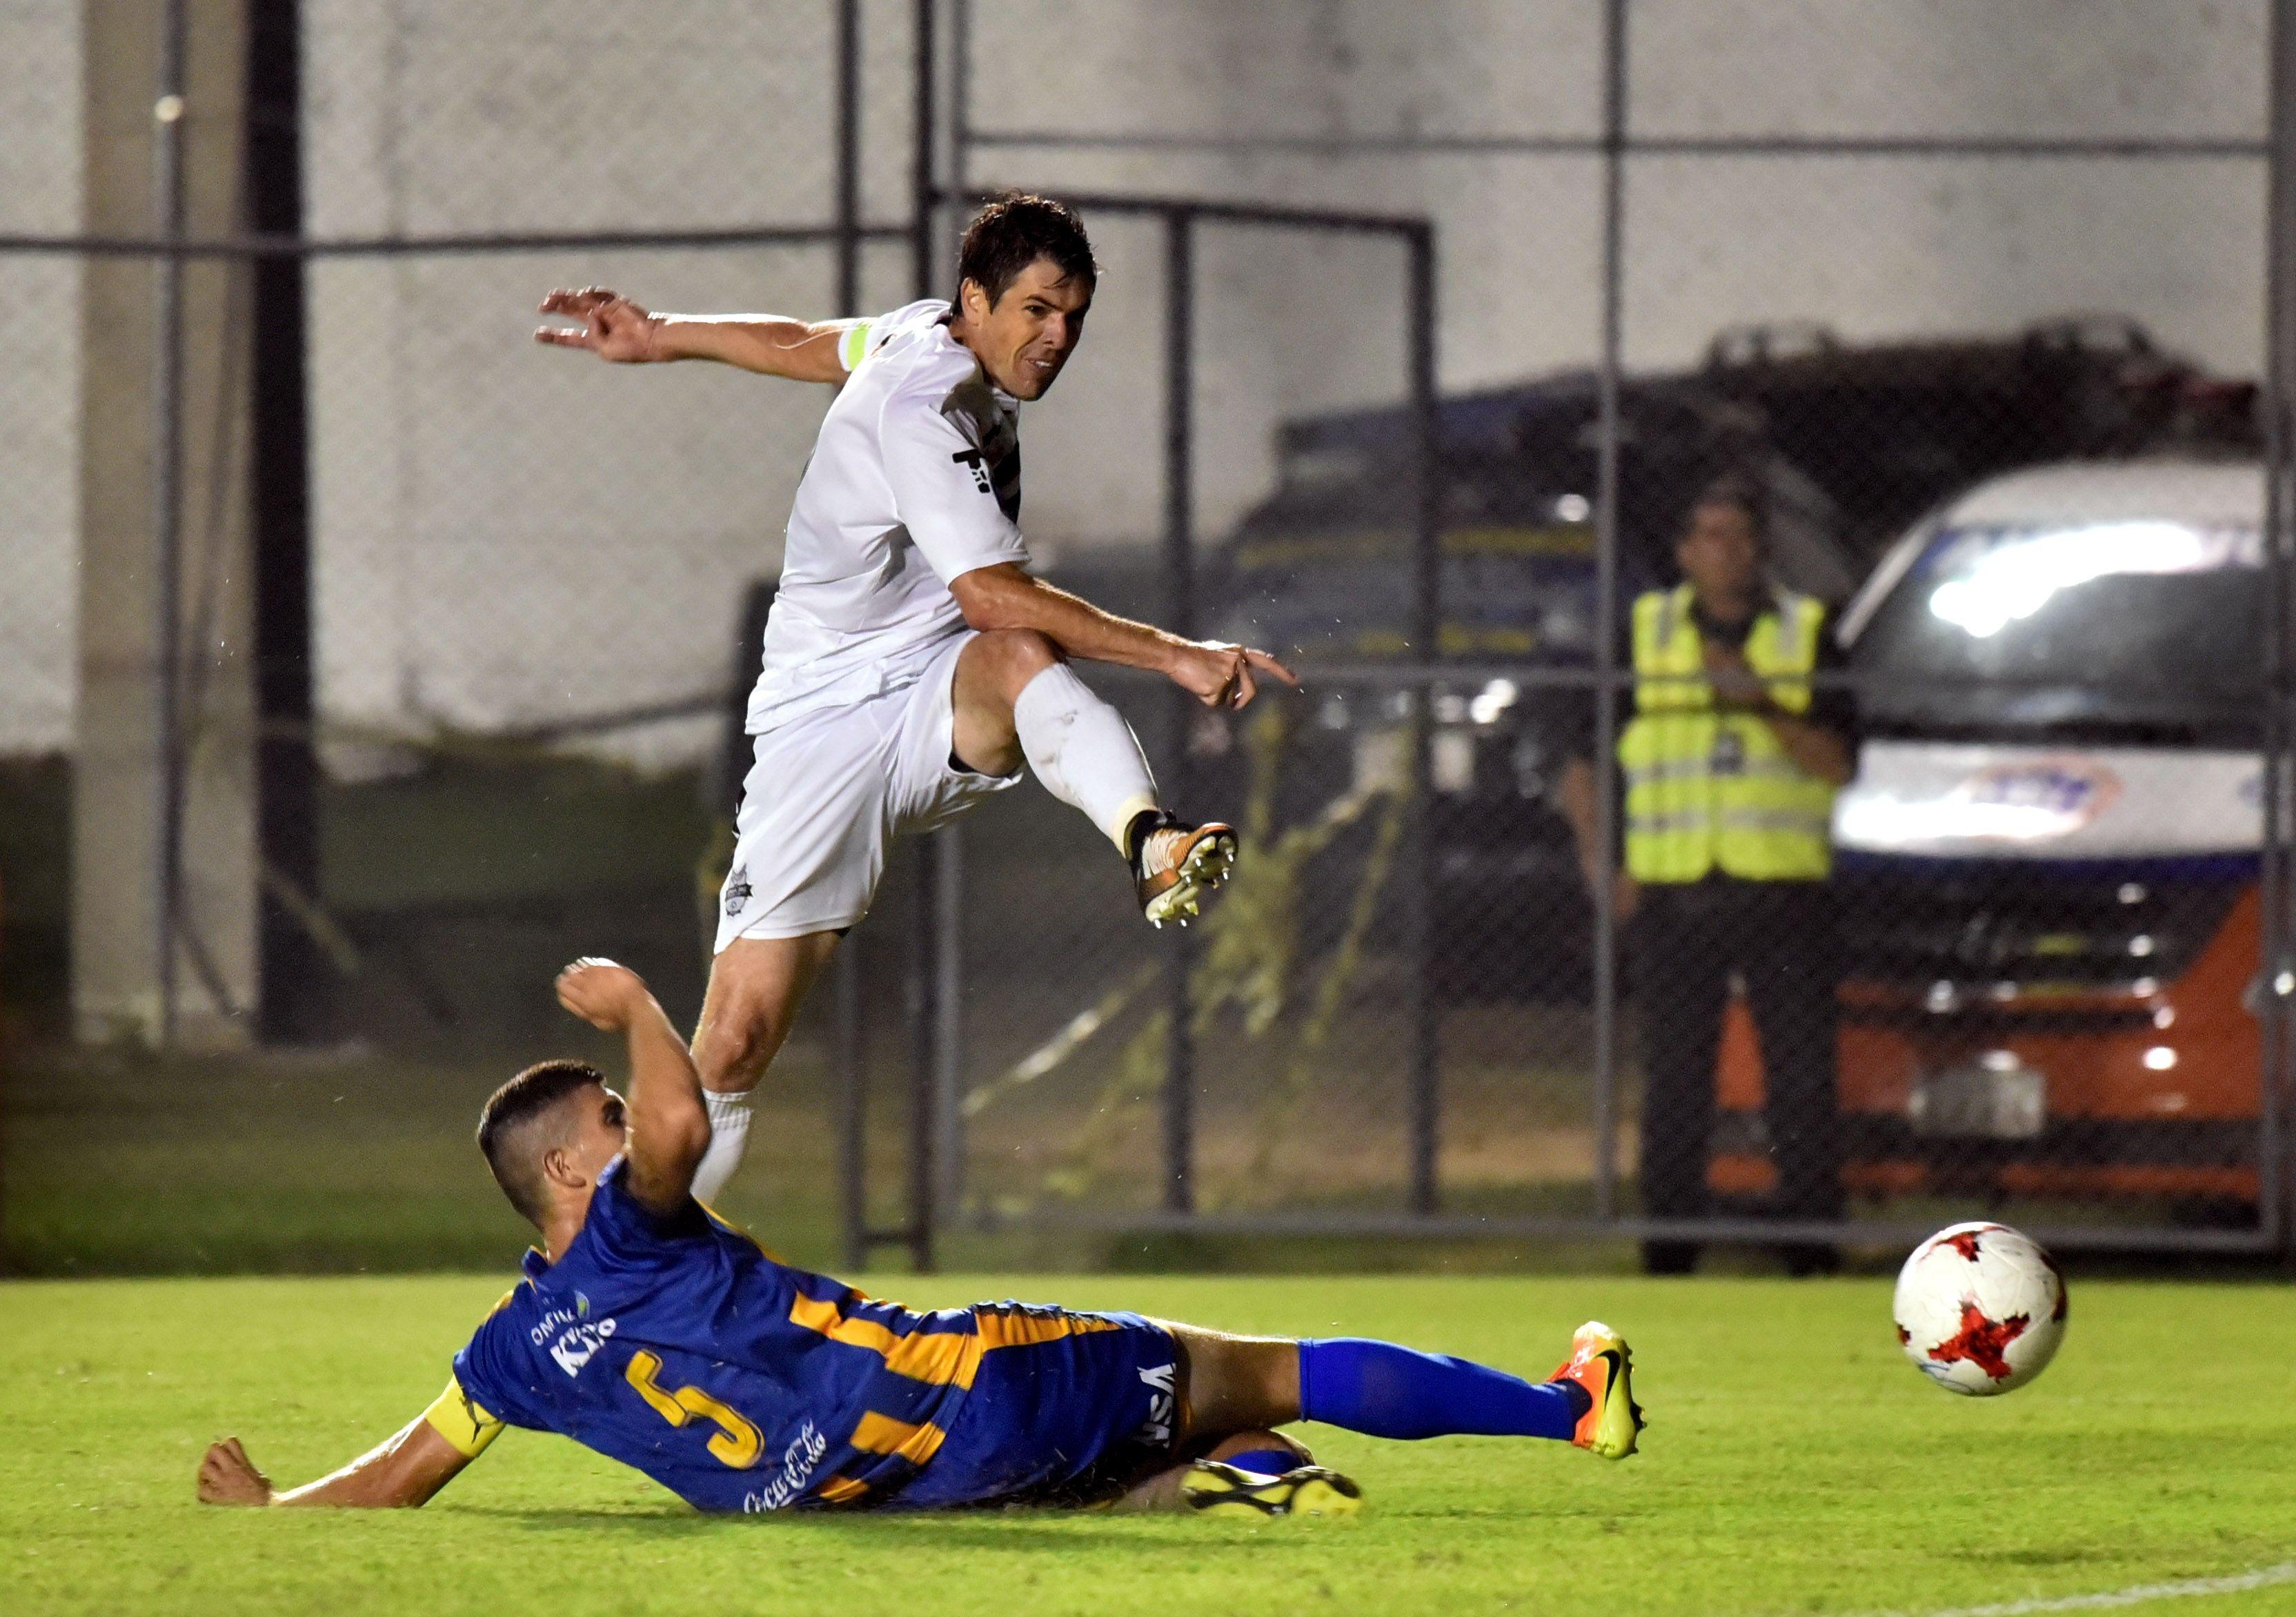 El capitán auriazul Ruben Monges (abajo) en acción. Foto: José Bogado/Última Hora